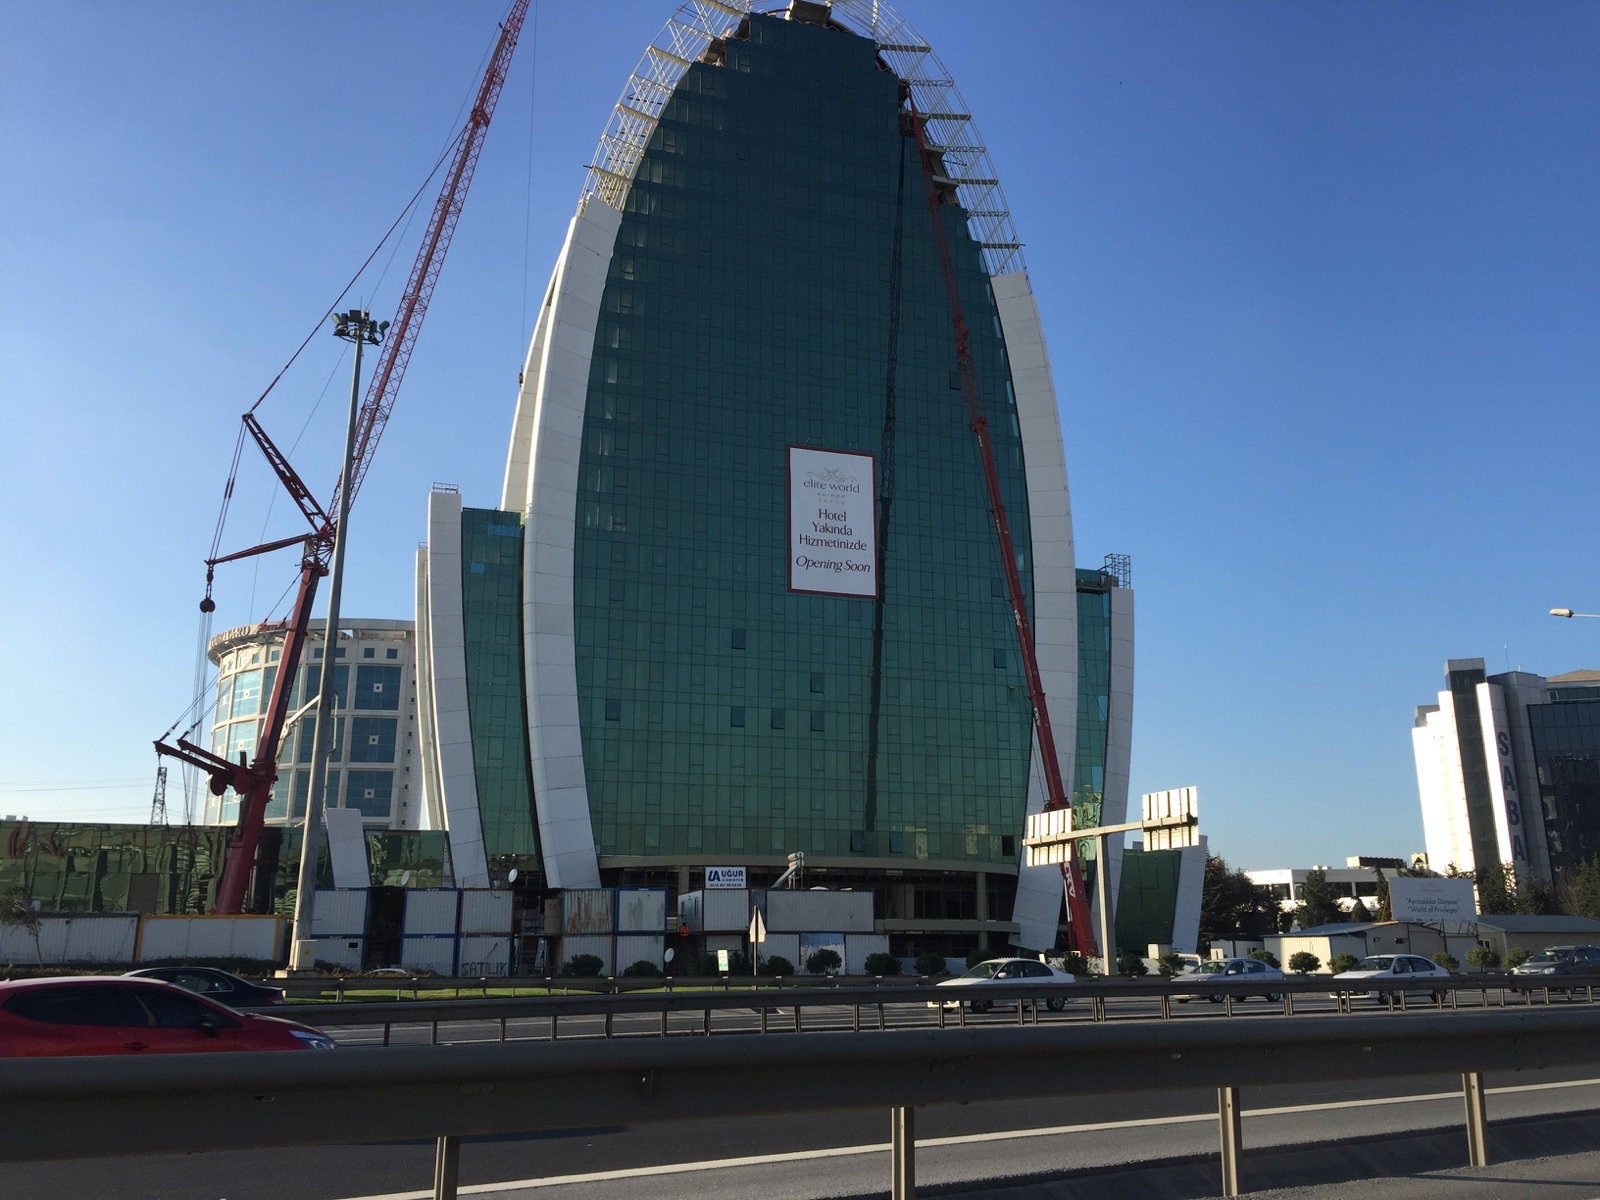 Elite World Europe Otel, 120 Milyon Dolarlık Yatırımla Açıldı!